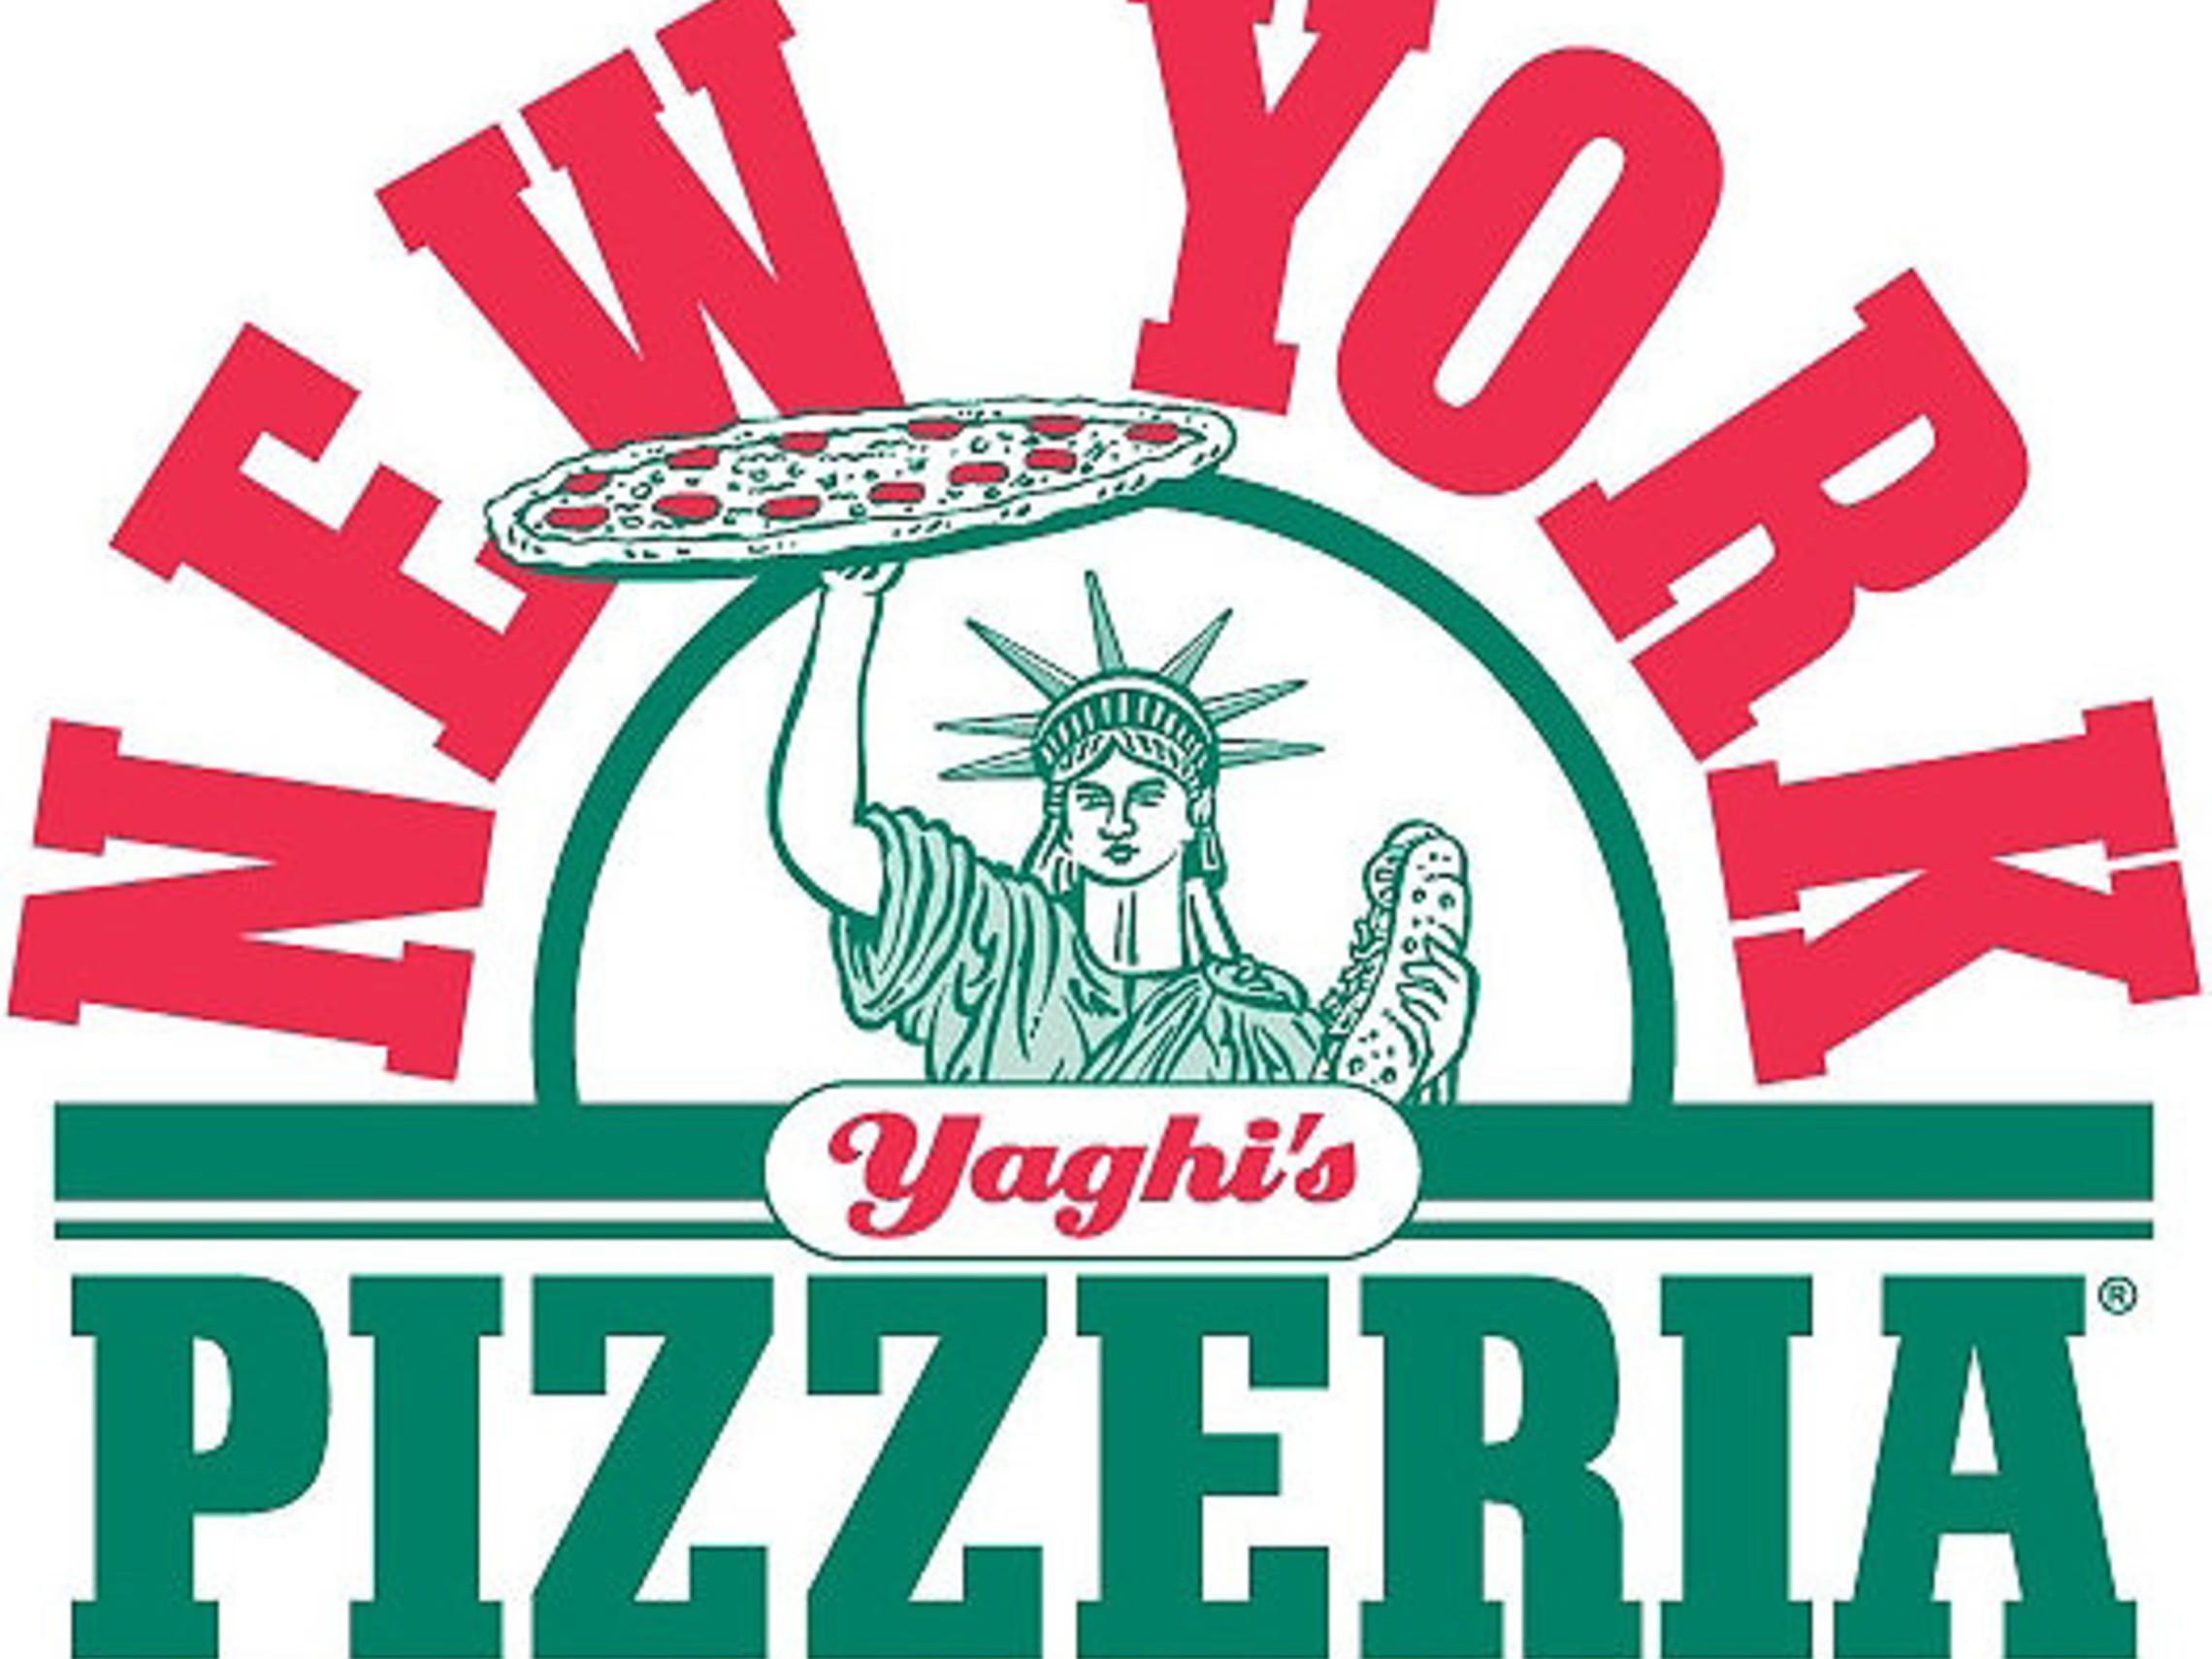 Yaghis Logo